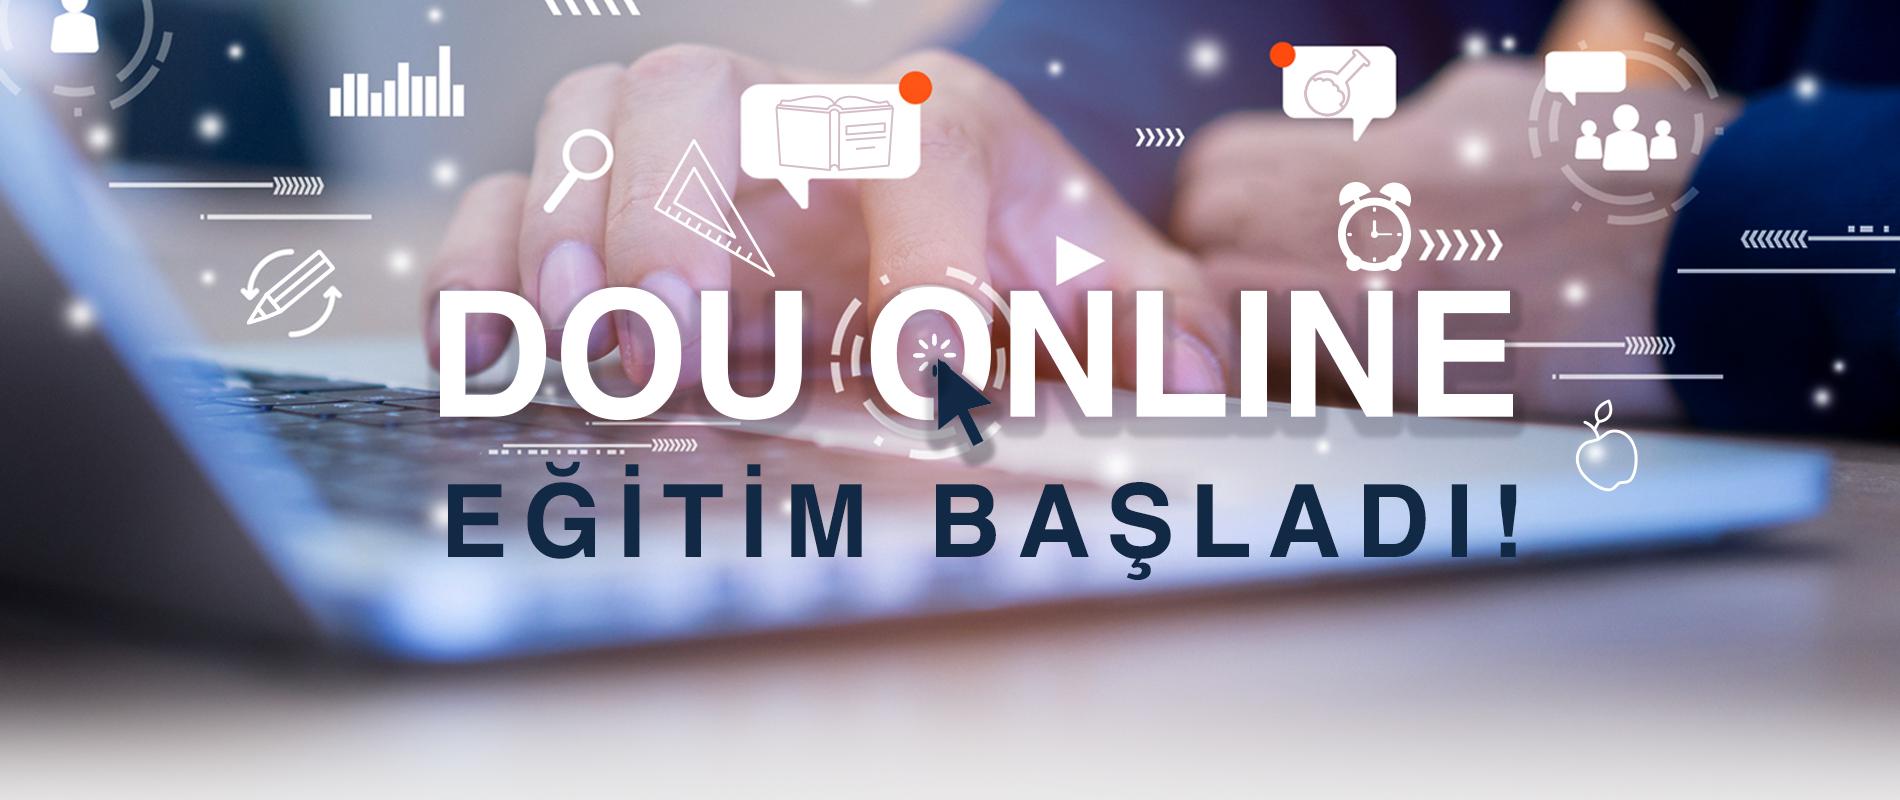 DOU Online 2020 Başladı